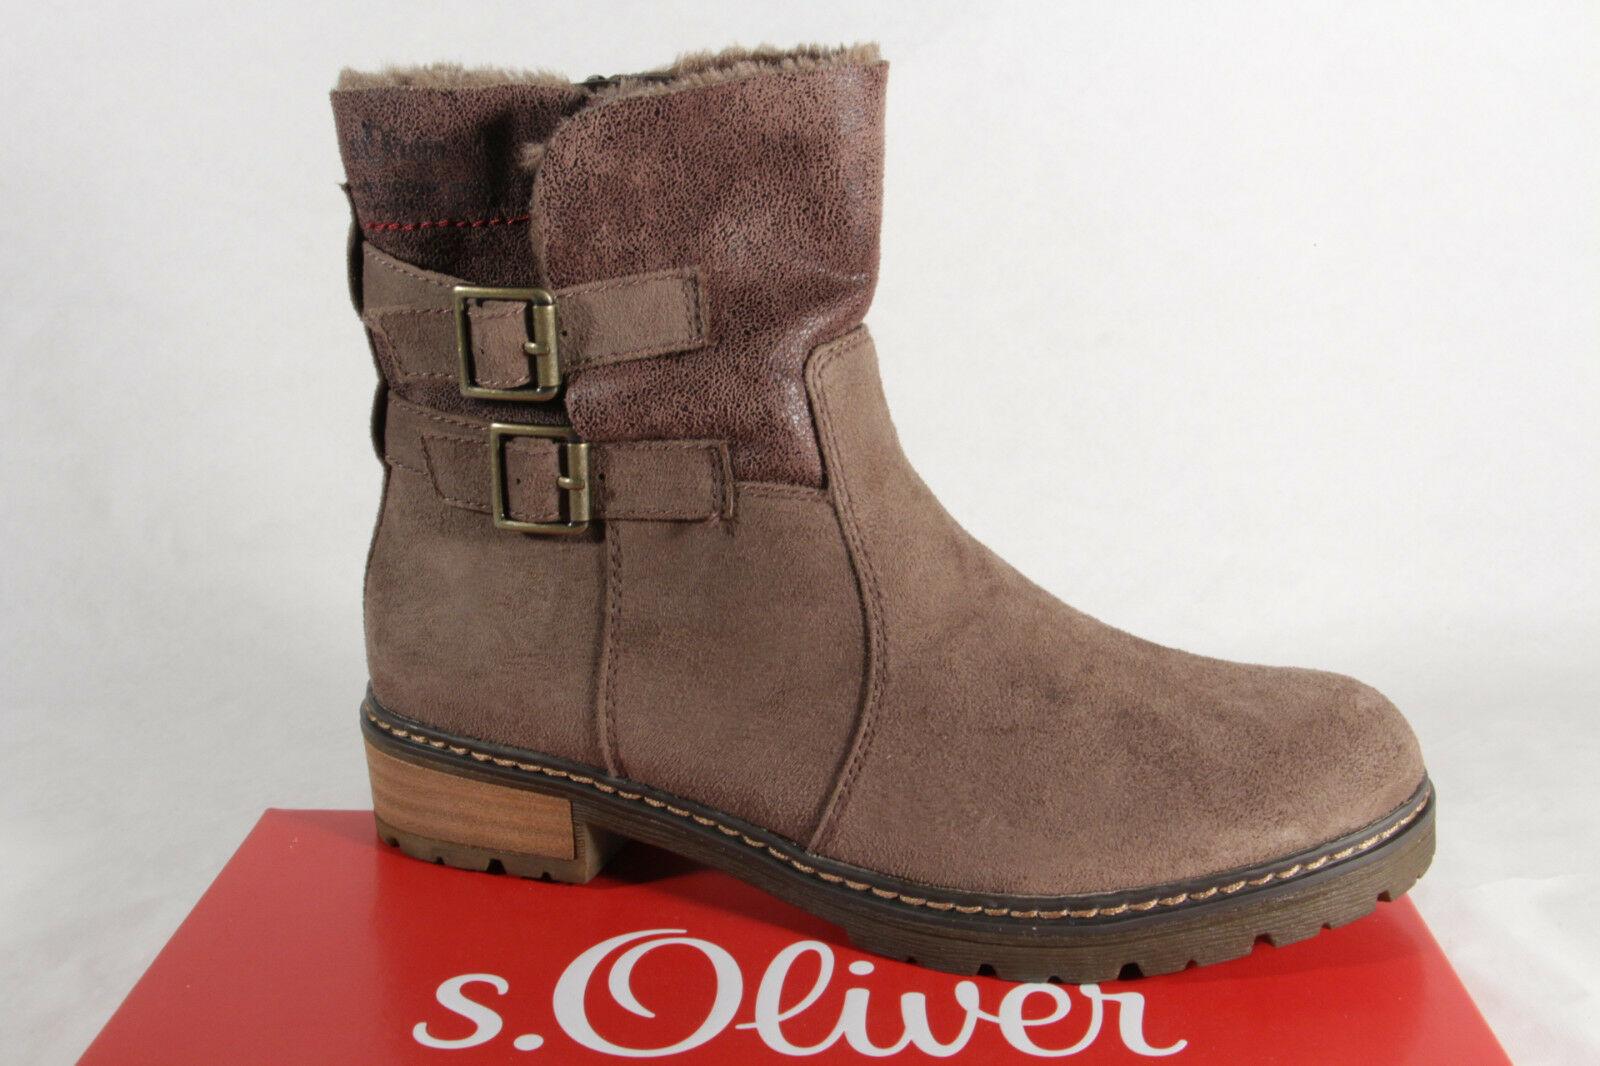 S.Oliver Damen Stiefel, Stiefelette, Stiefel pfeffer 25419 NEU